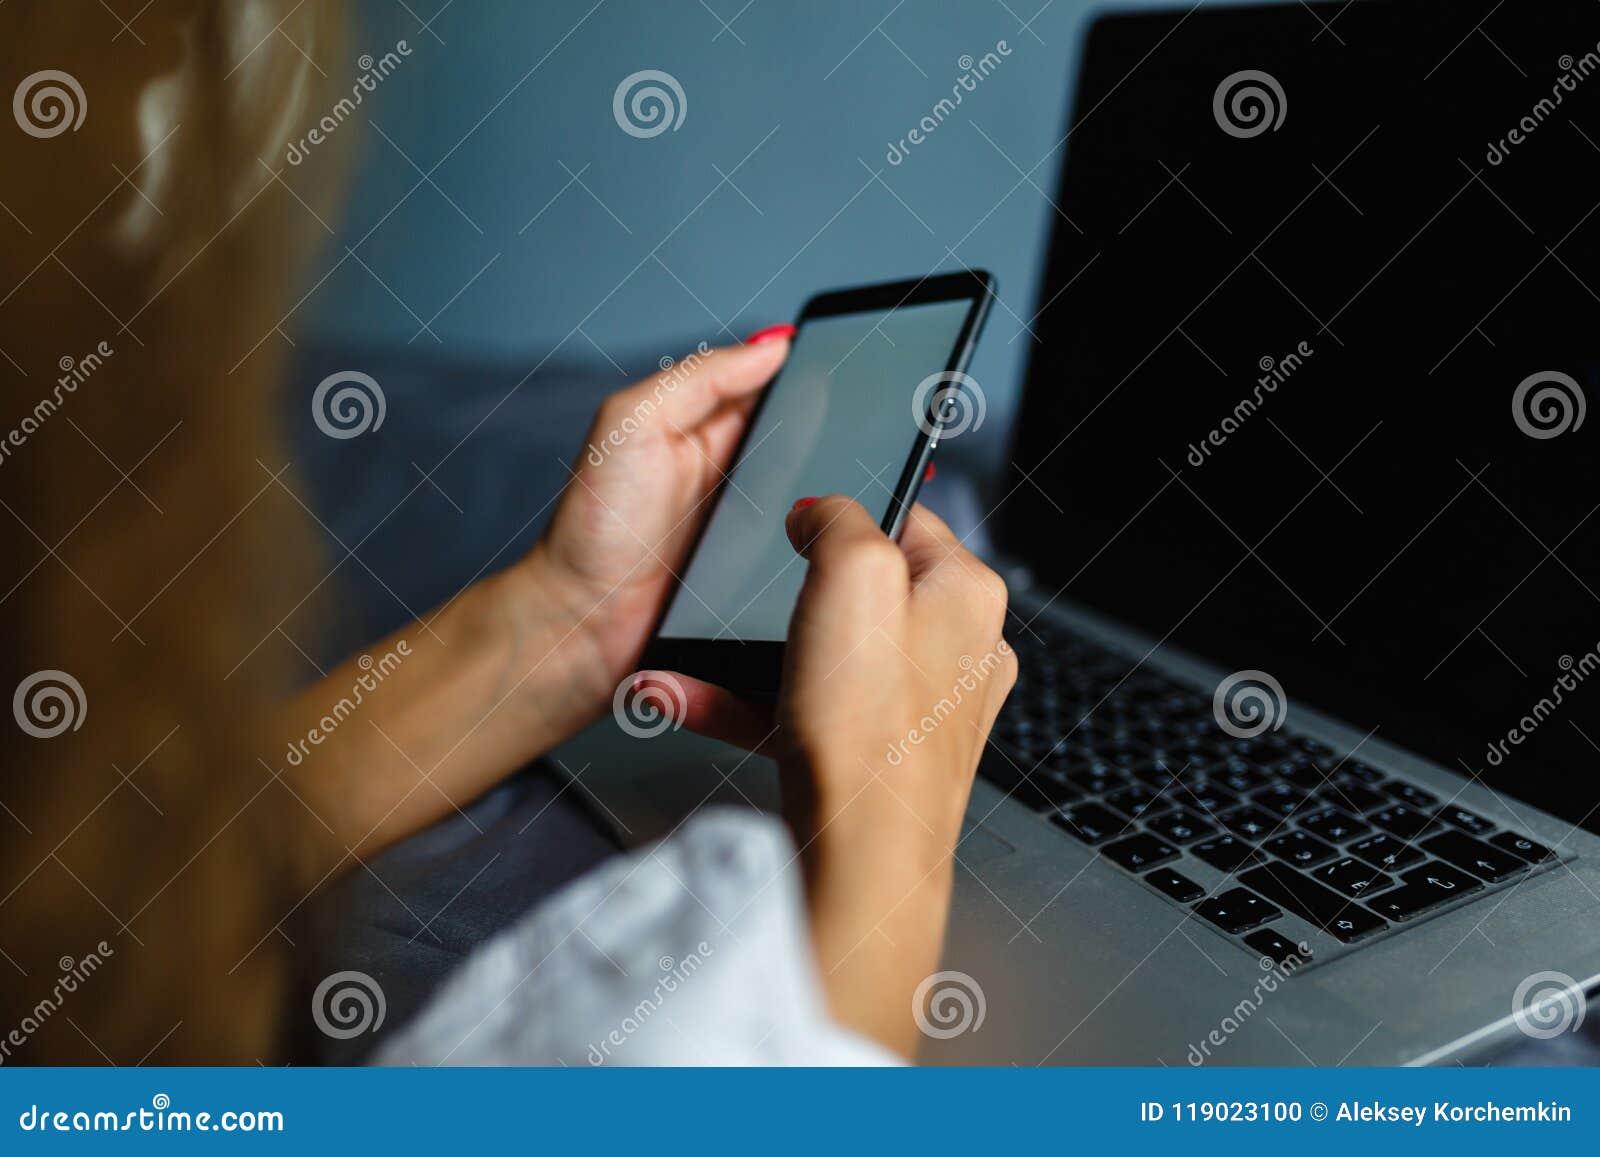 Καλή ξανθή γυναίκα που τηλεφωνά με το smartphone της που βρίσκεται στο κρεβάτι της δίπλα στο σημειωματάριό της Κορίτσι που βρίσκε